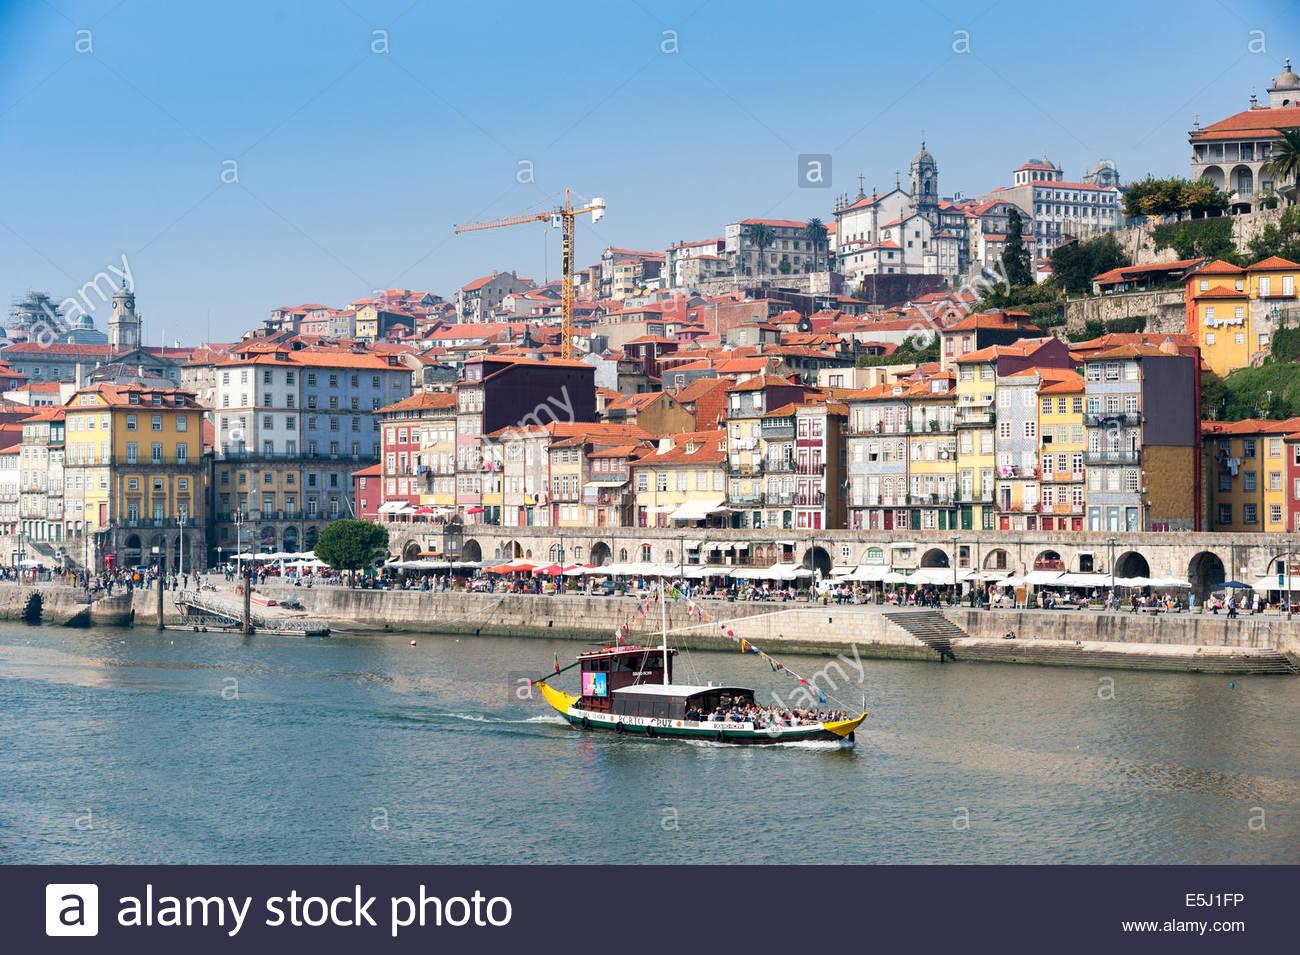 Douro River, Porto, Portugal - Stock Image